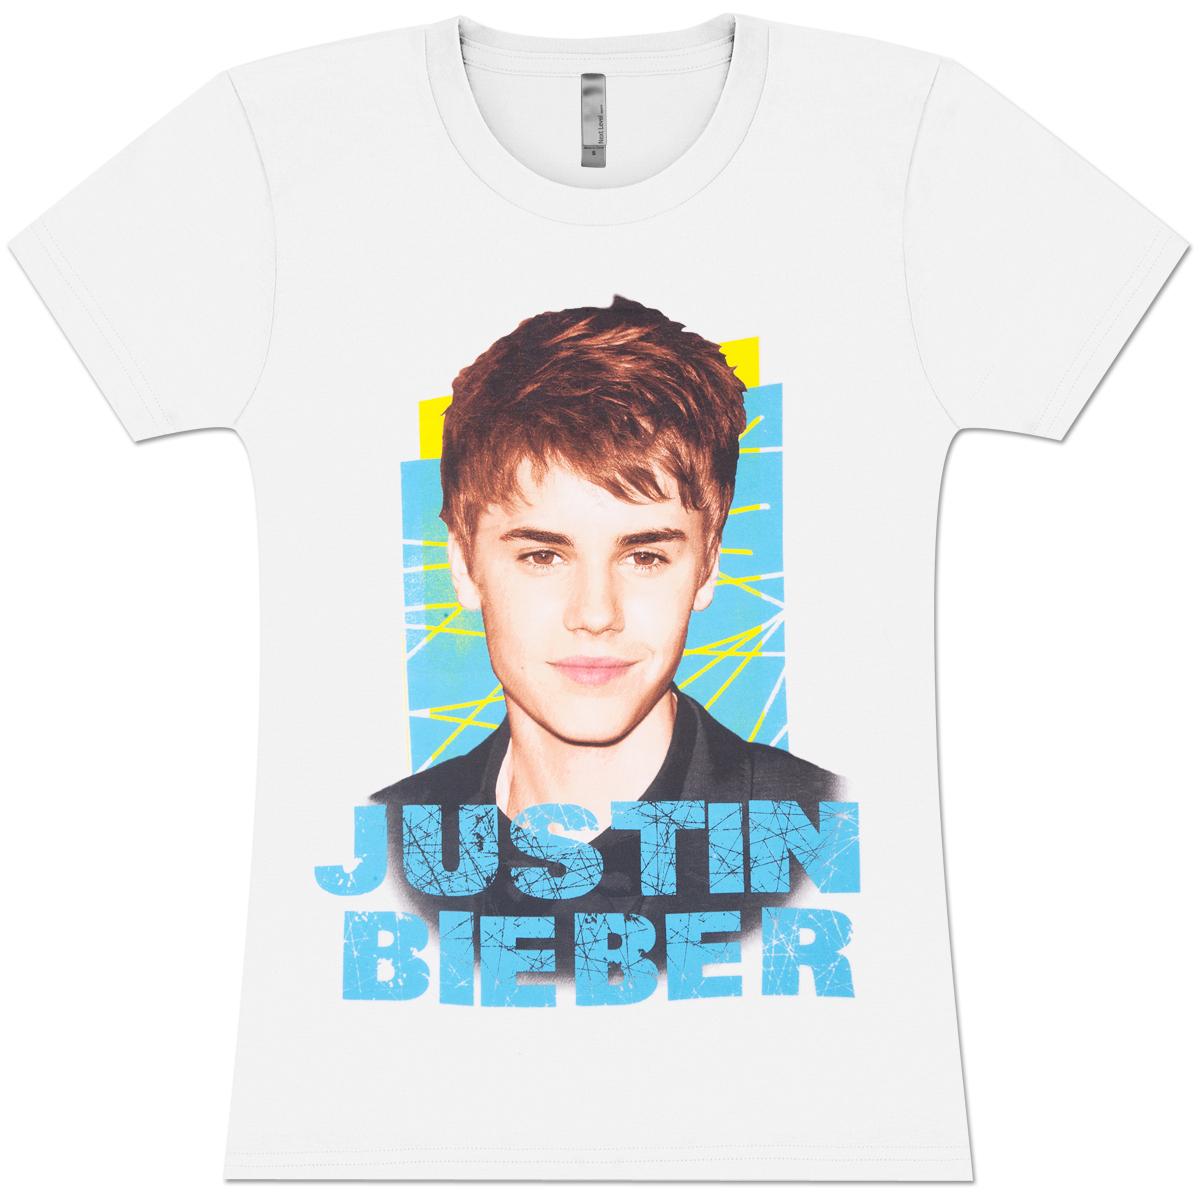 Justin Bieber Criss Cross Girlie T-Shirt